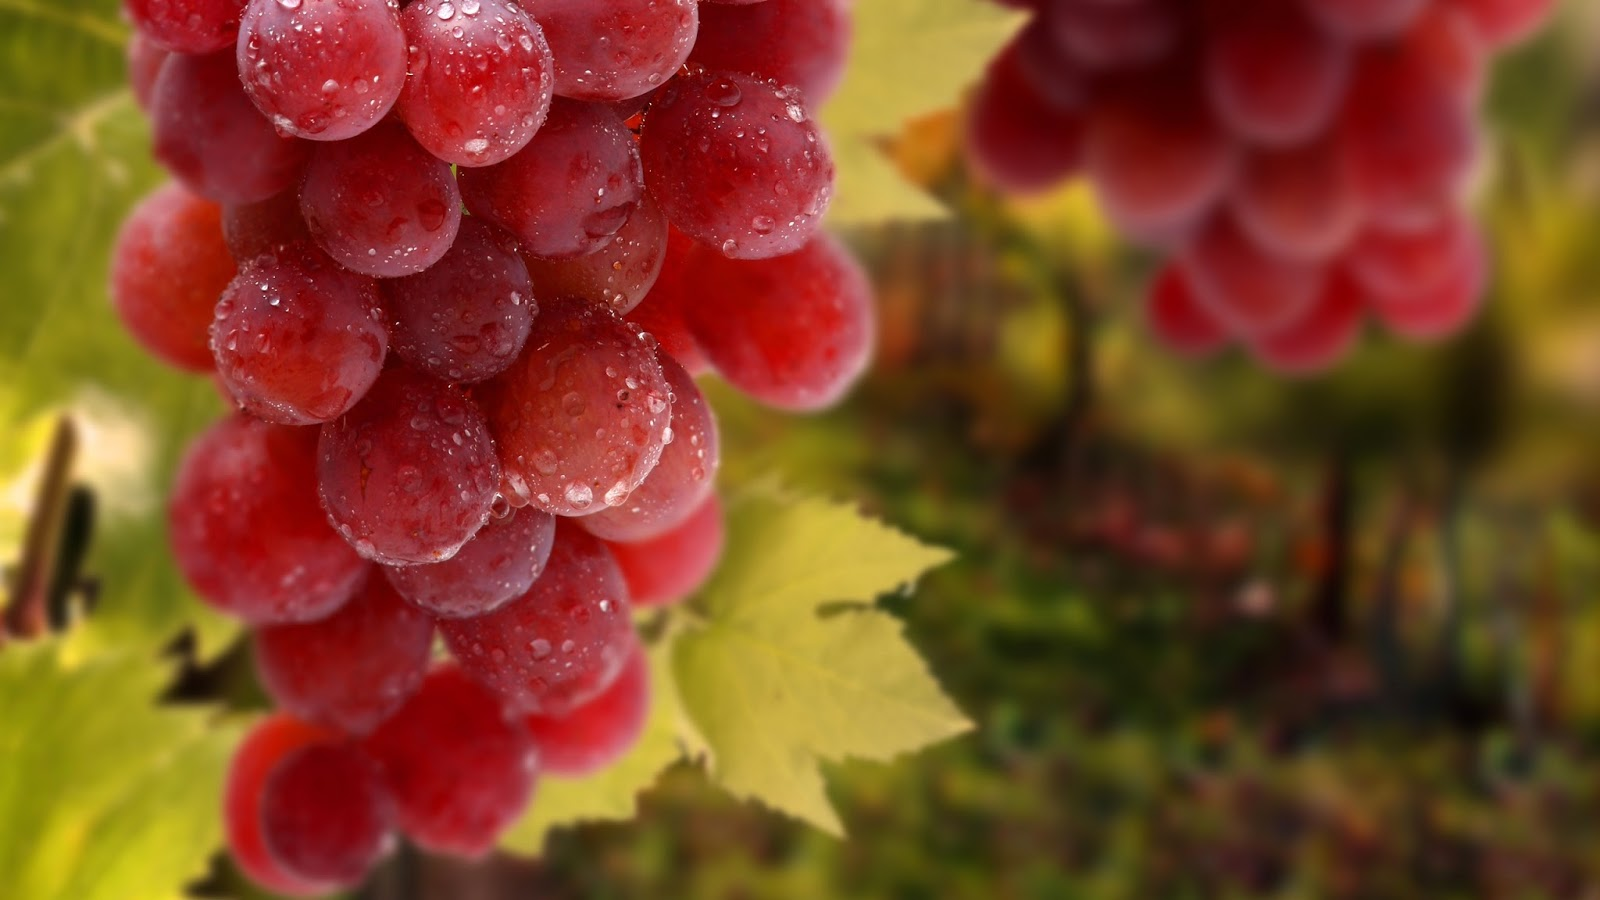 80 Gambar Anggur Merah Hd Paling Bagus